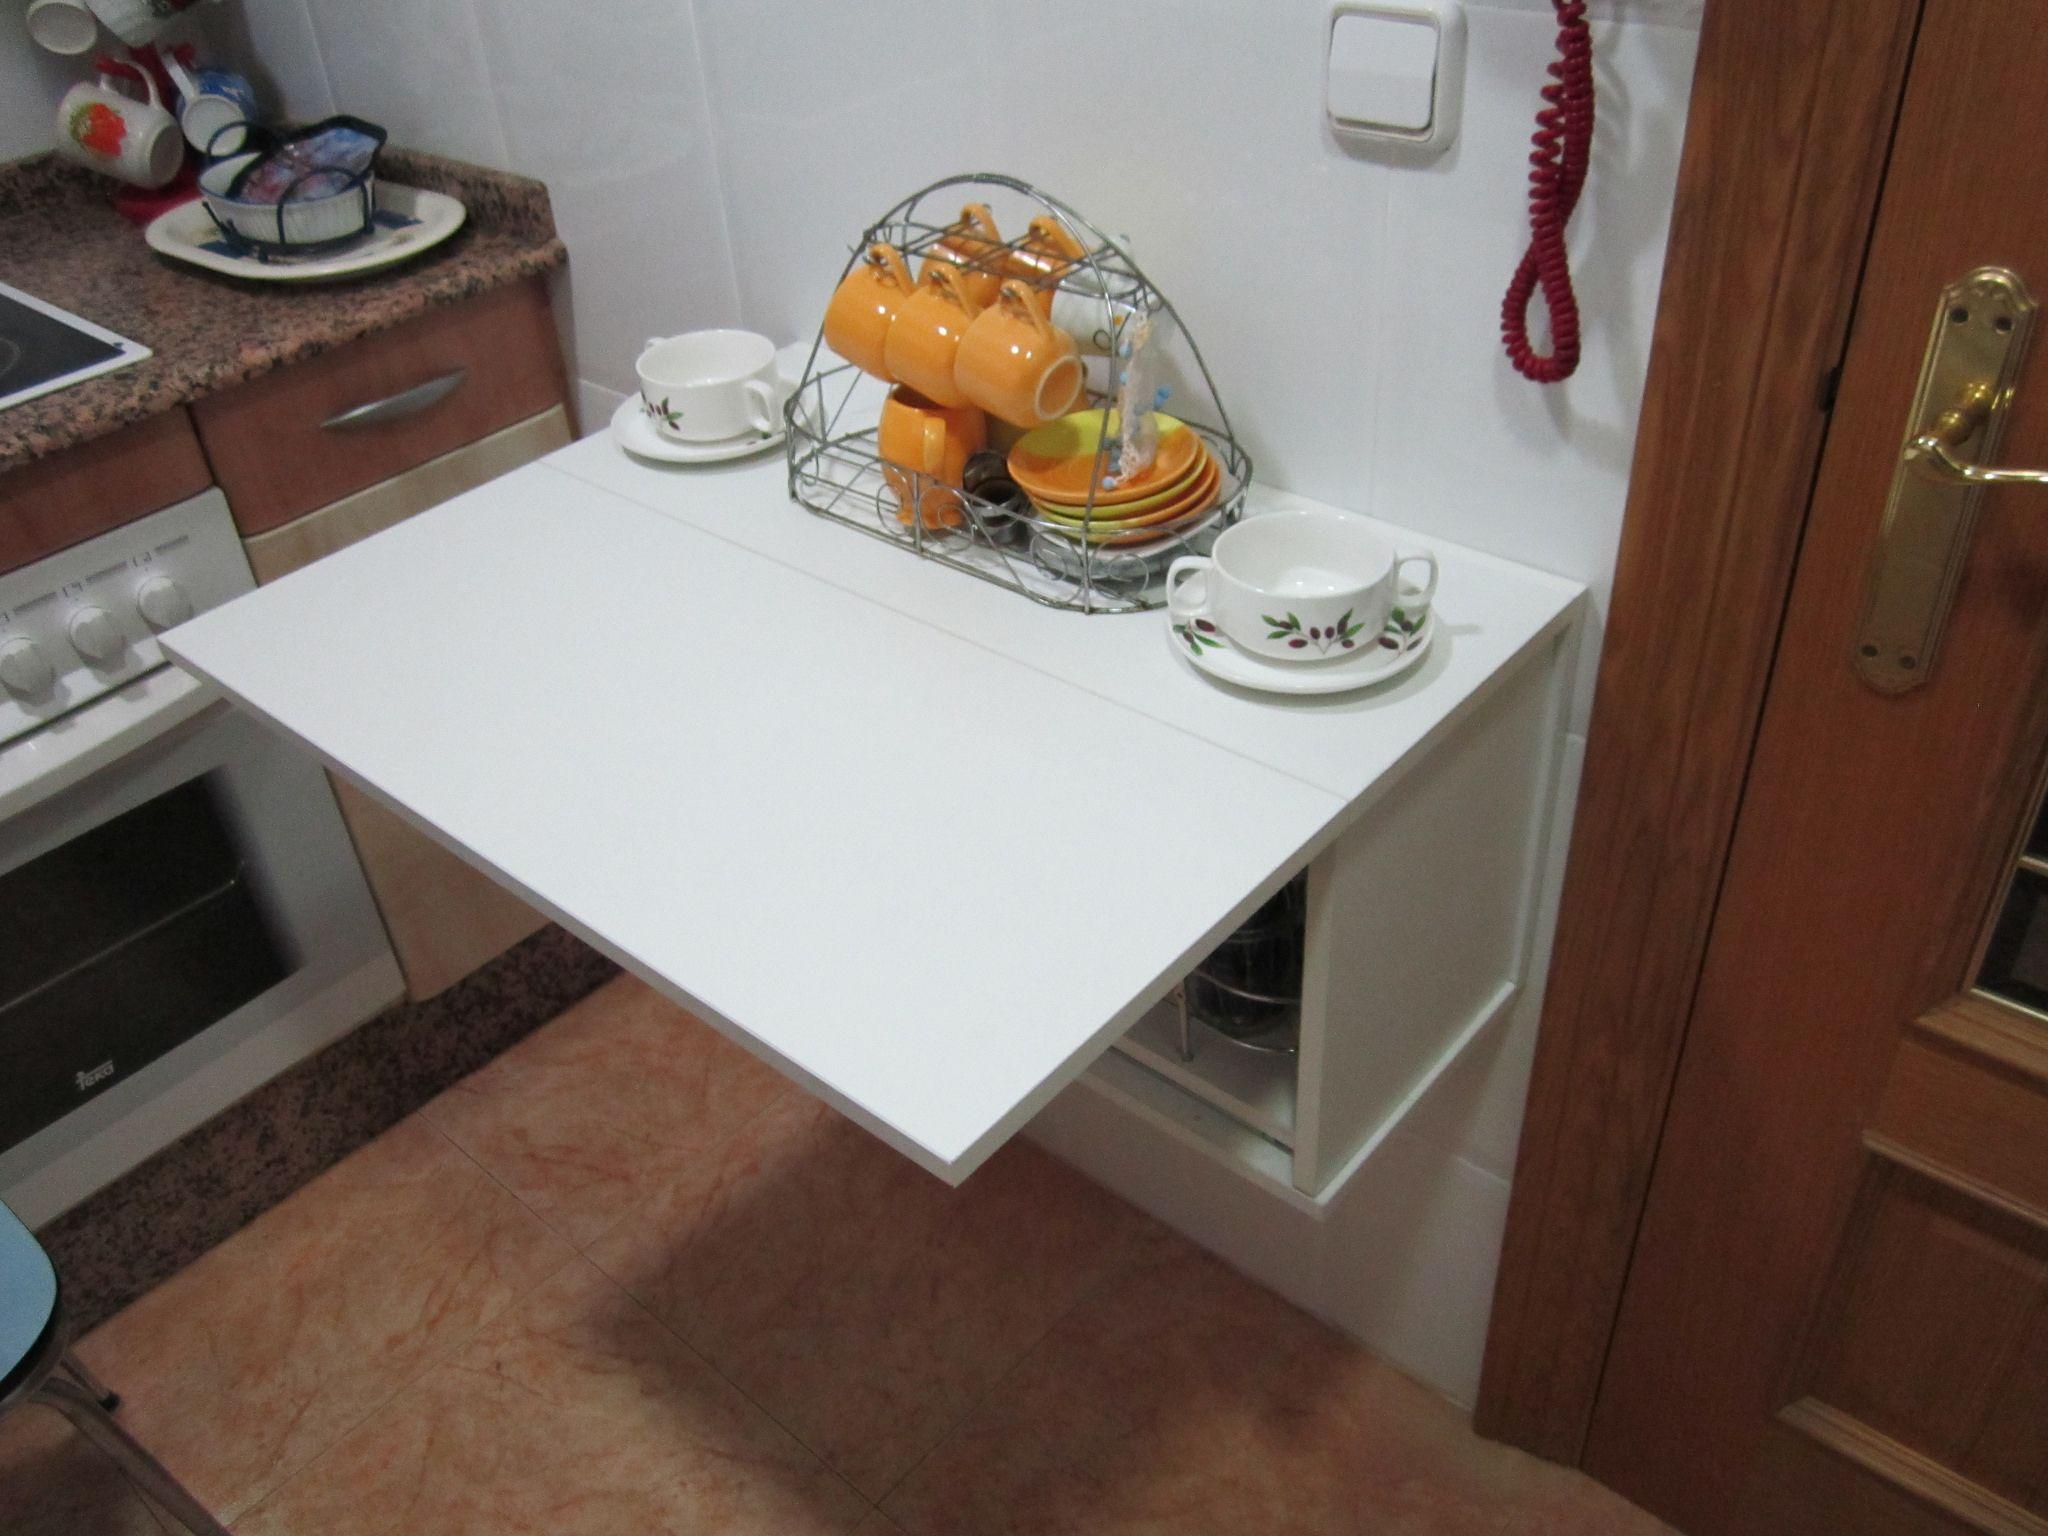 Mesa Abatible en Módulo de Cocina - Joster   escritorio   Pinterest ...